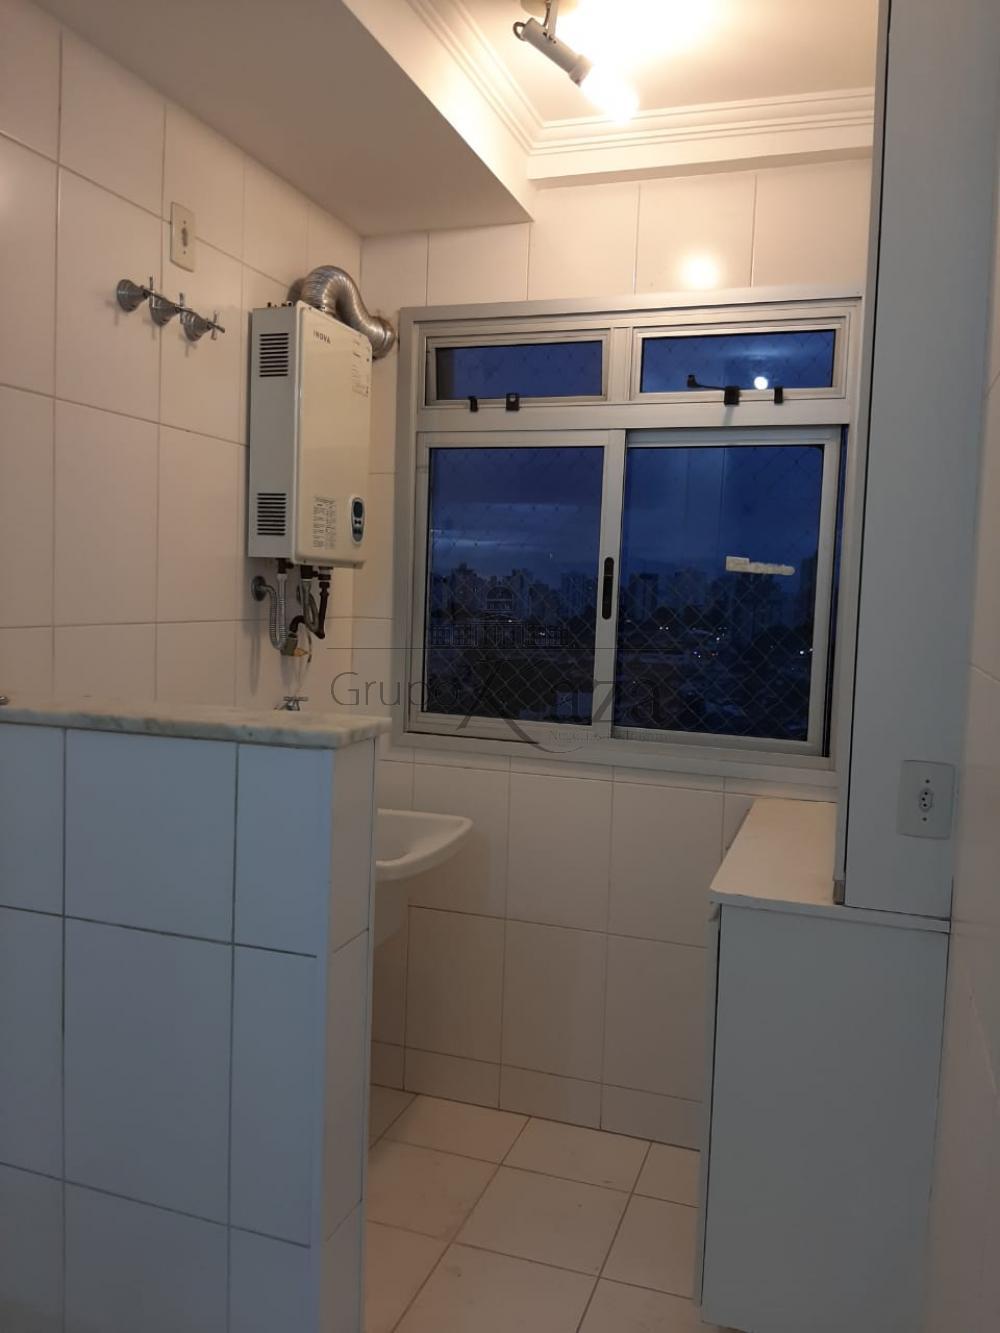 alt='Comprar Apartamento / Padrão em São José dos Campos R$ 380.000,00 - Foto 9' title='Comprar Apartamento / Padrão em São José dos Campos R$ 380.000,00 - Foto 9'